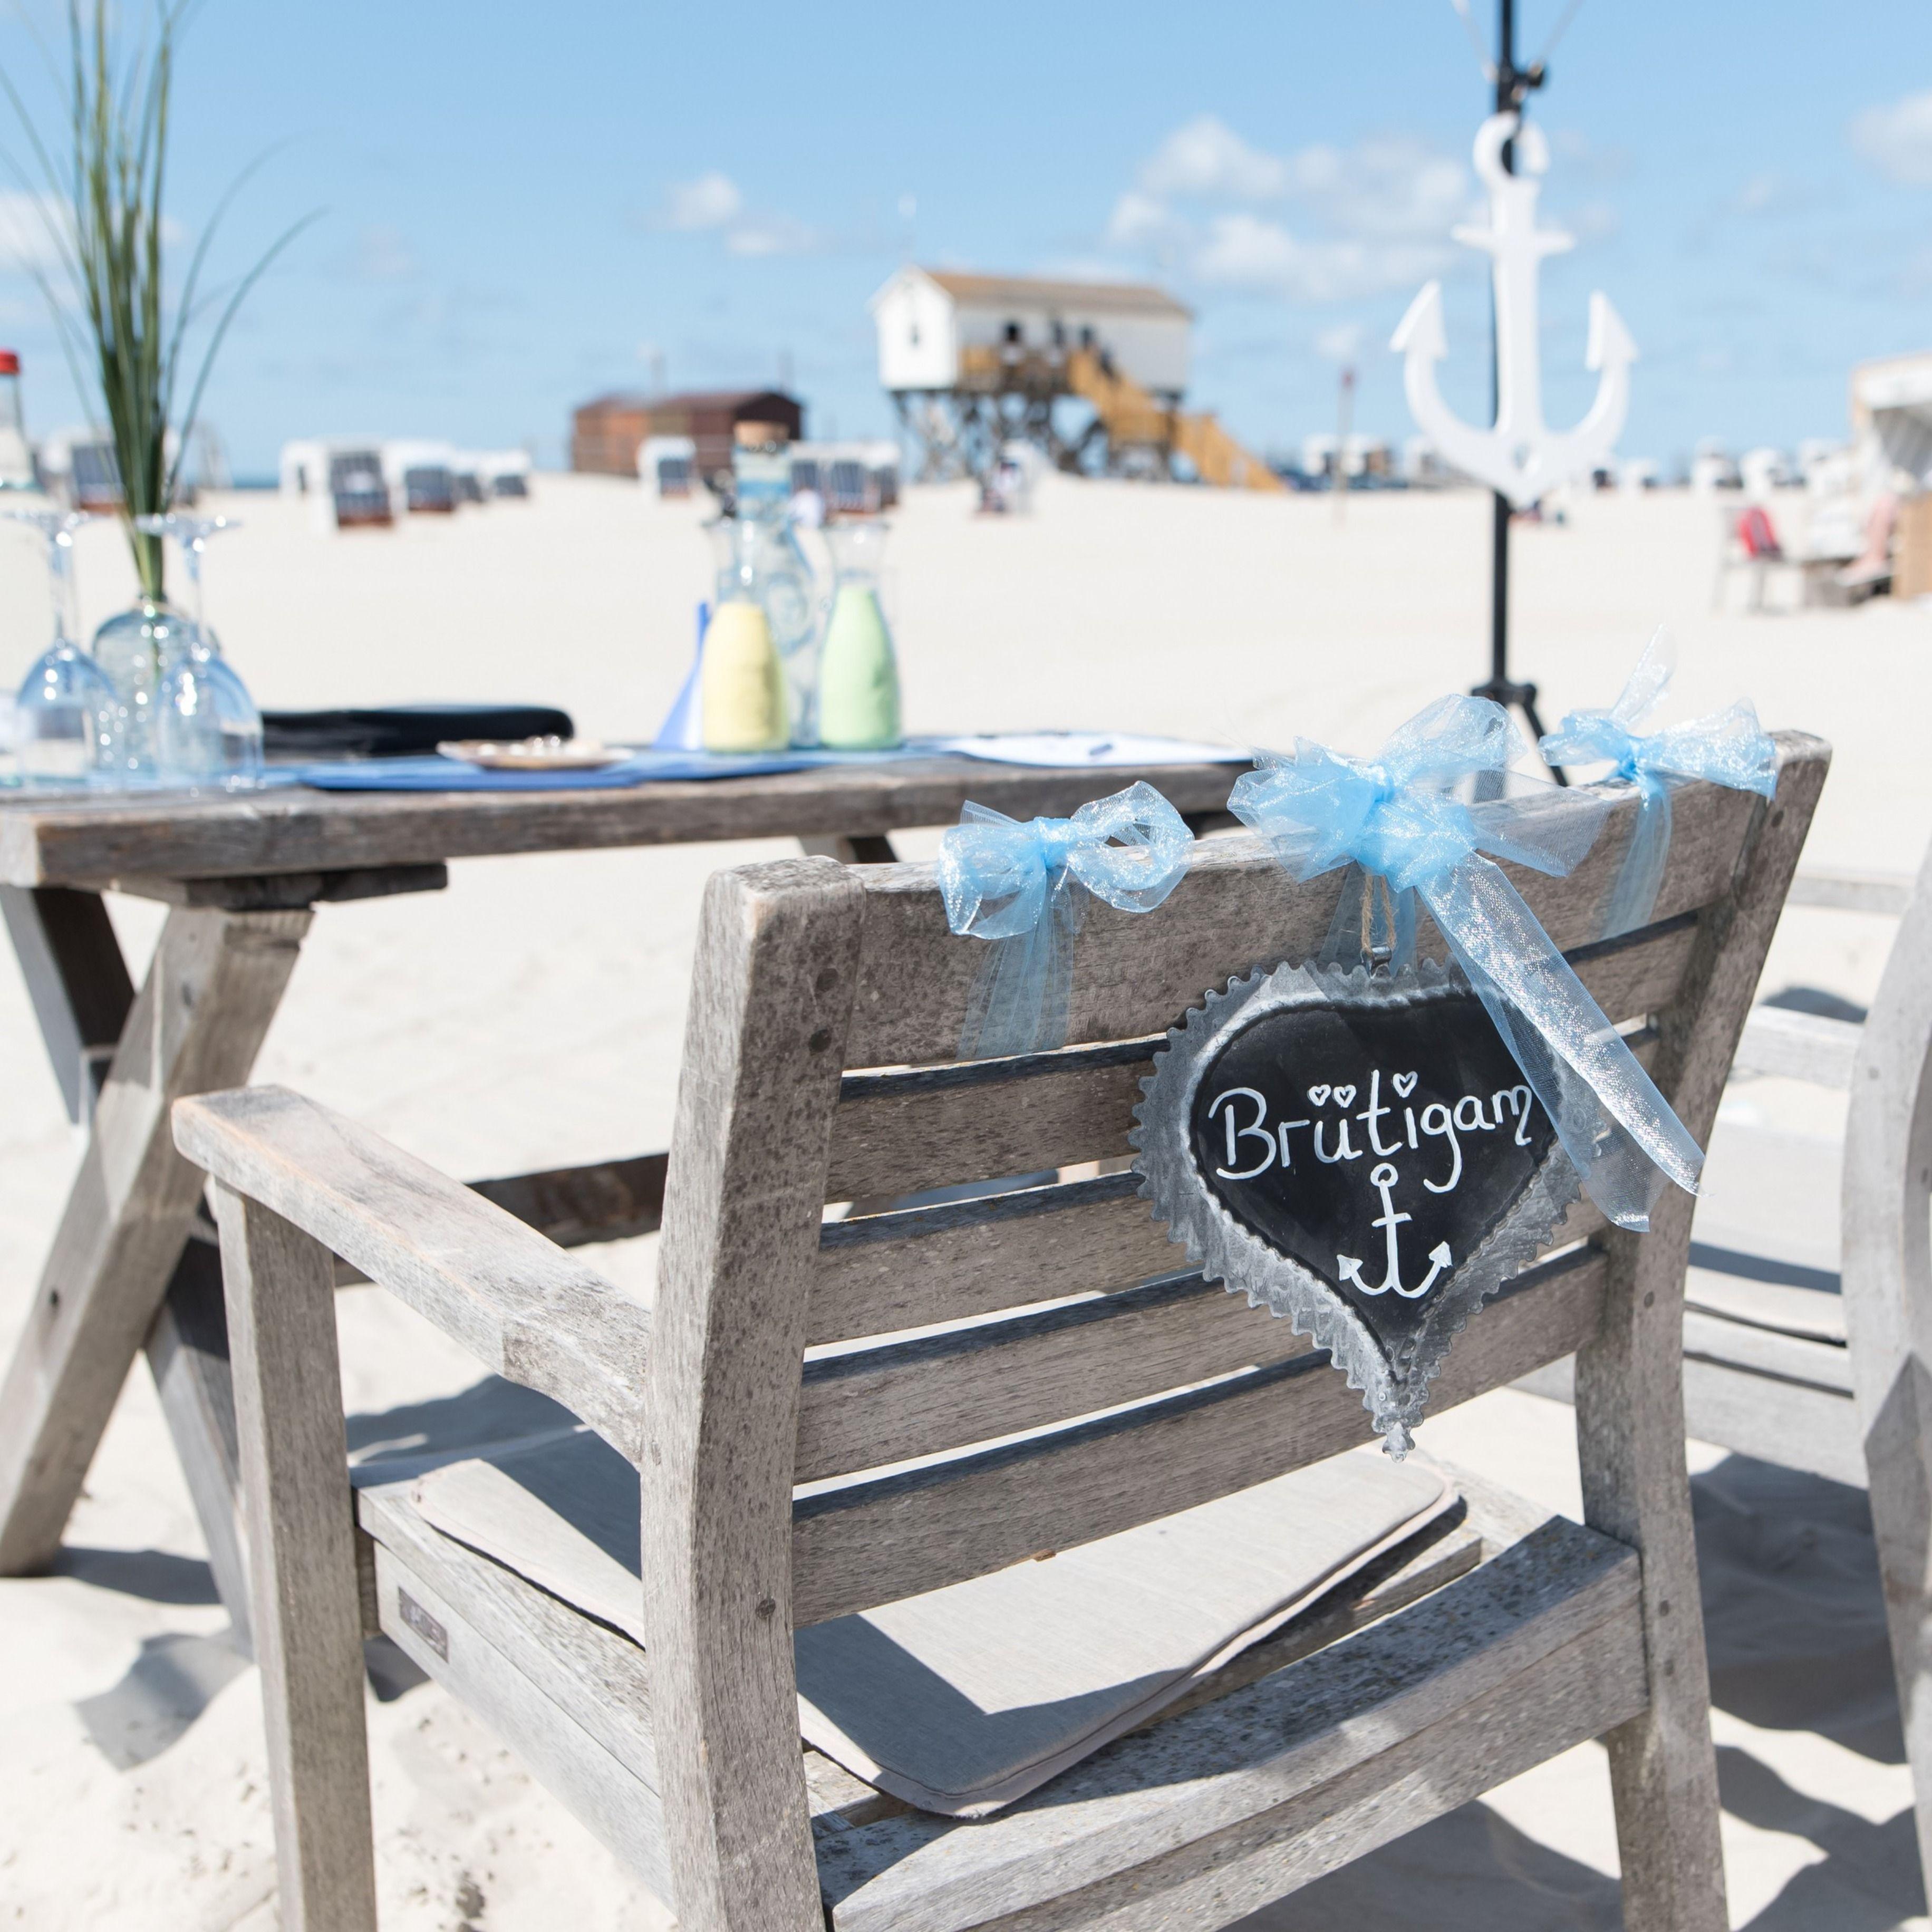 Freie Trauung Am Strand Strandhochzeit Hochzeit Hochzeitsfotograf